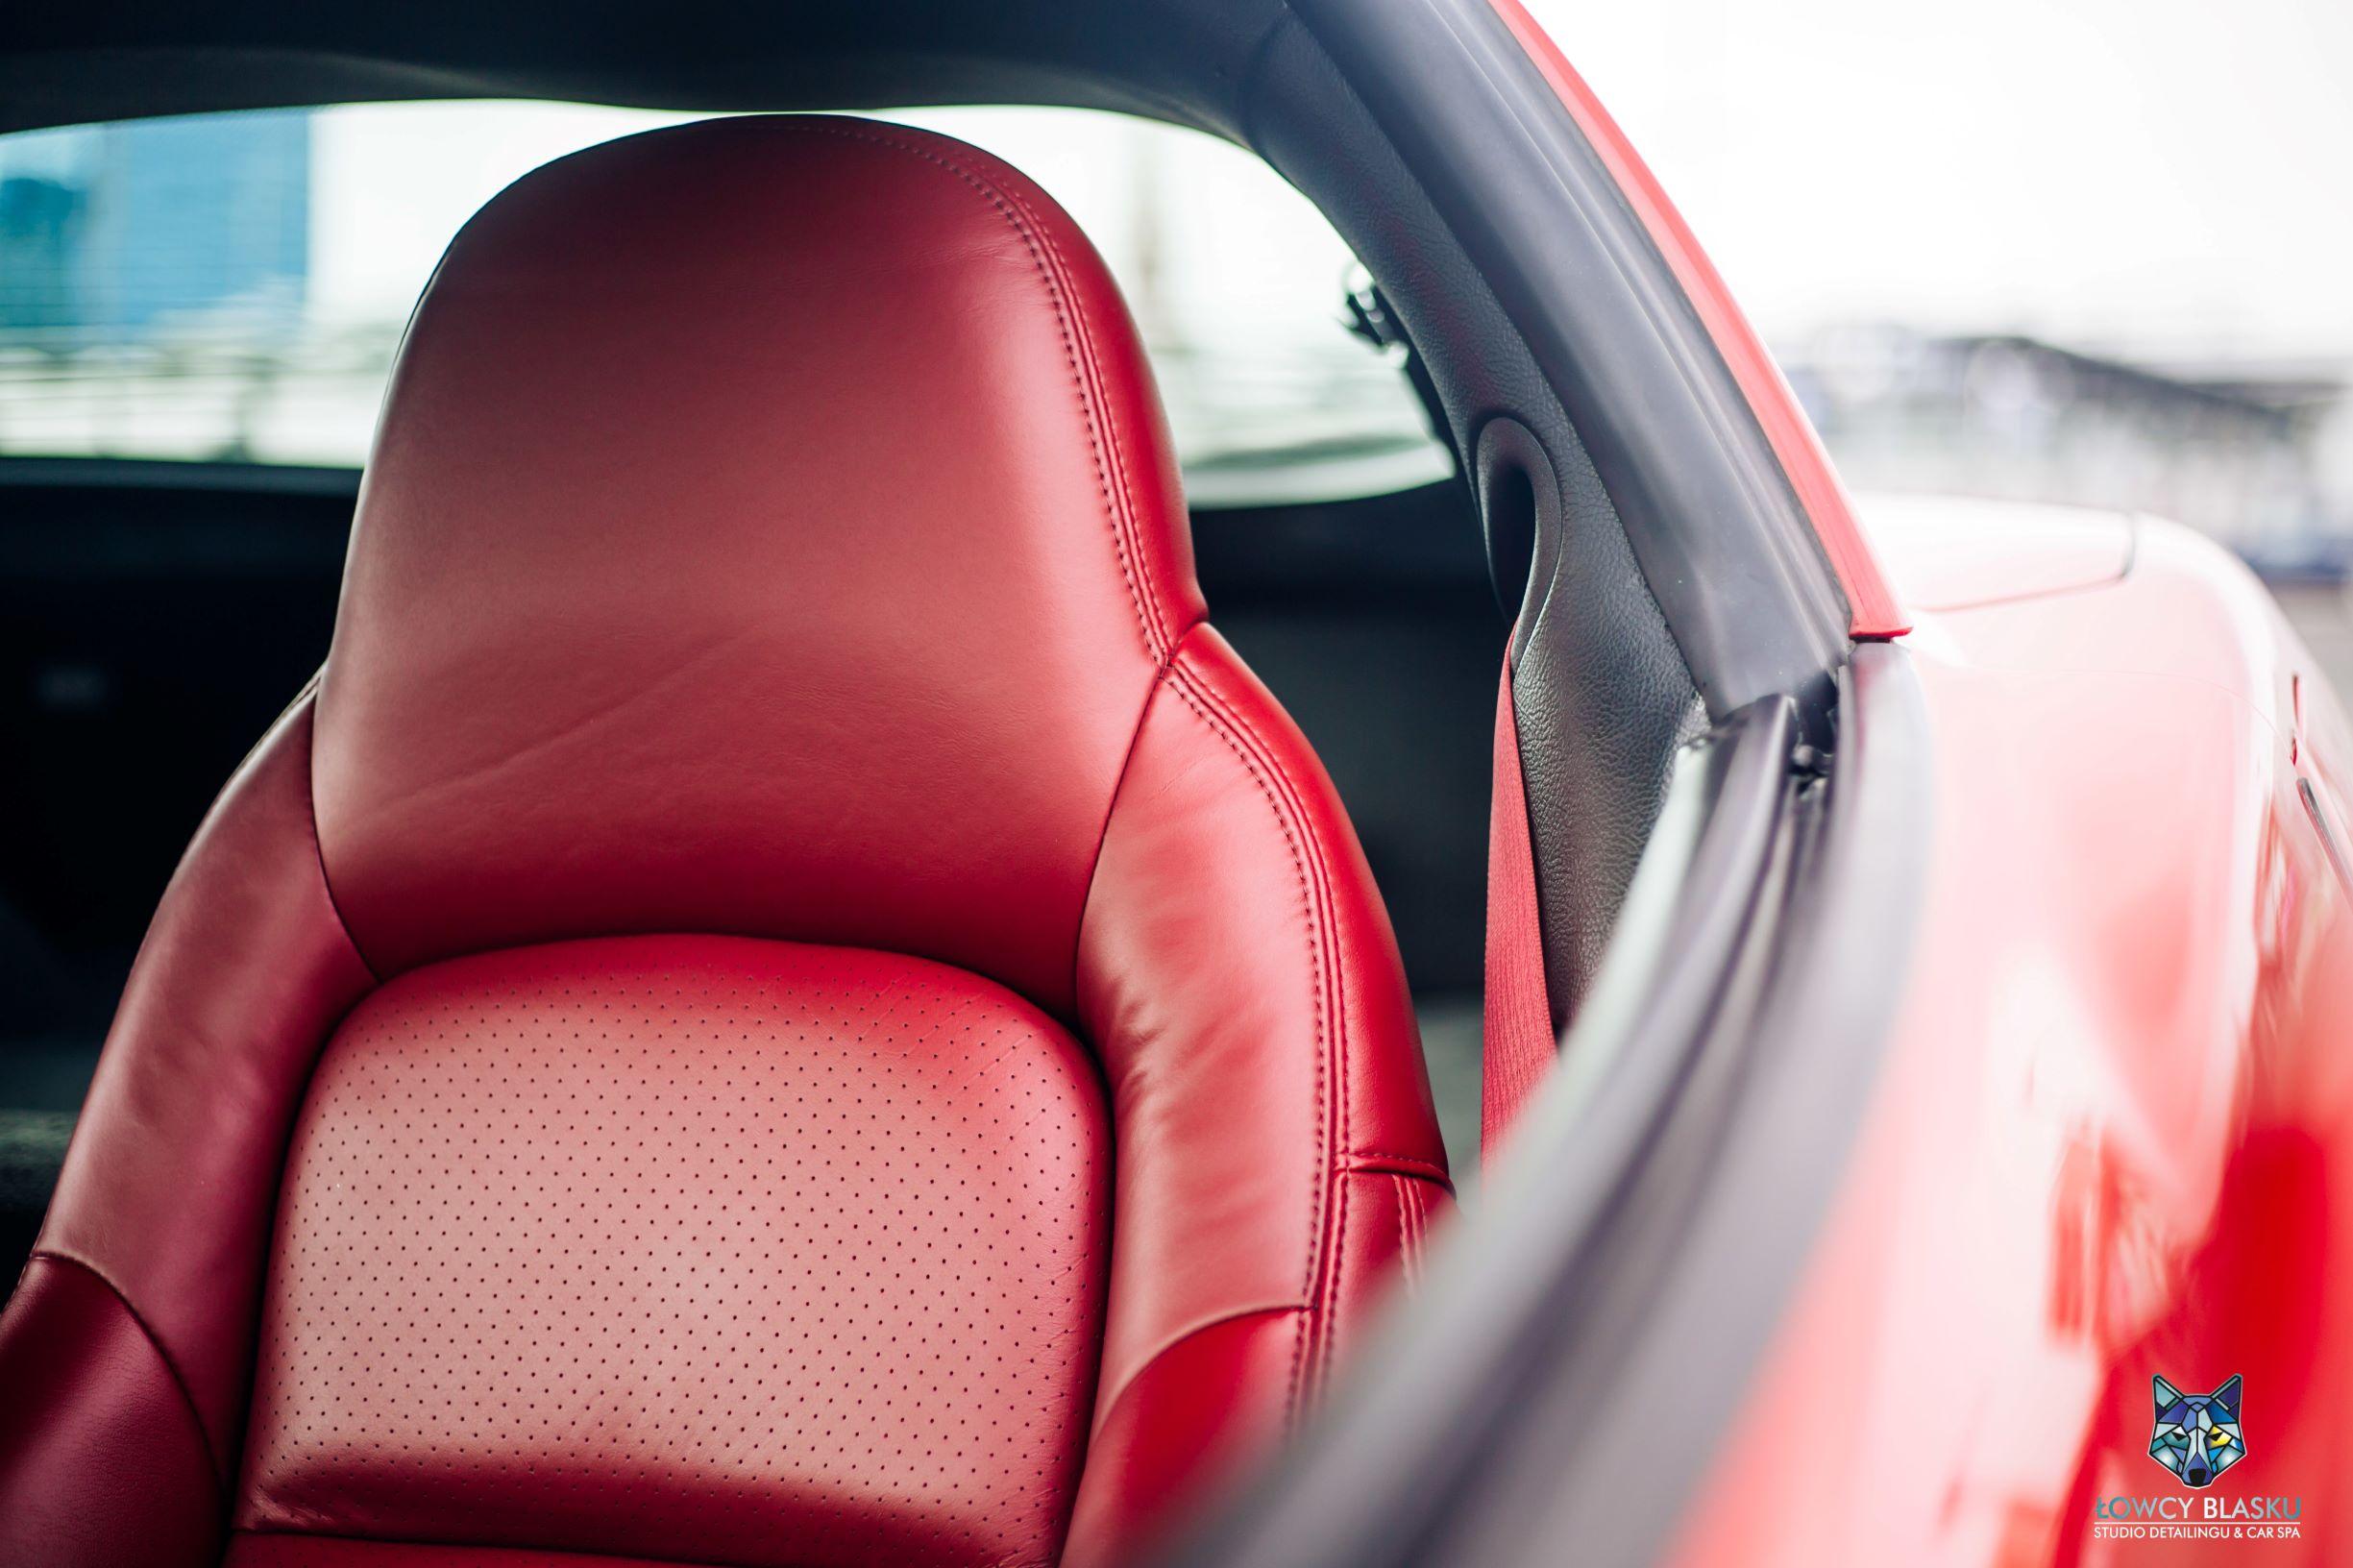 Chevrolet Corvette-czyszczenie i konserwacja skór